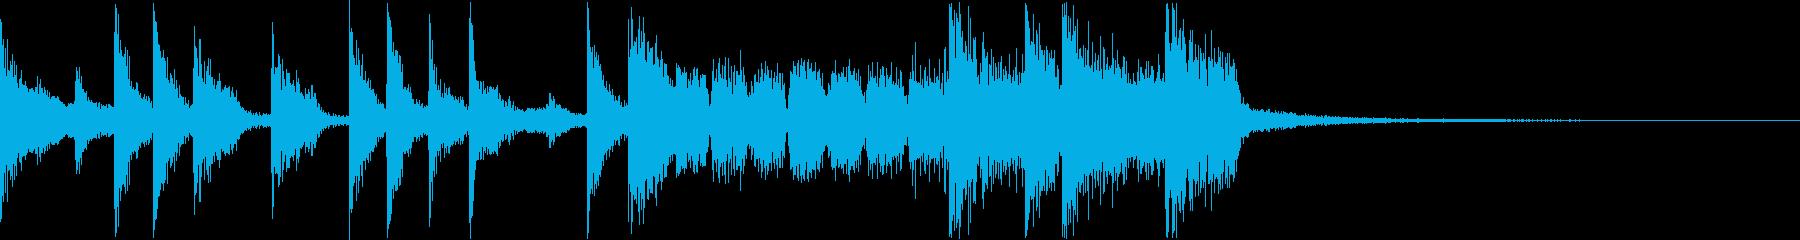 クールでおしゃれなジャズファンクの再生済みの波形